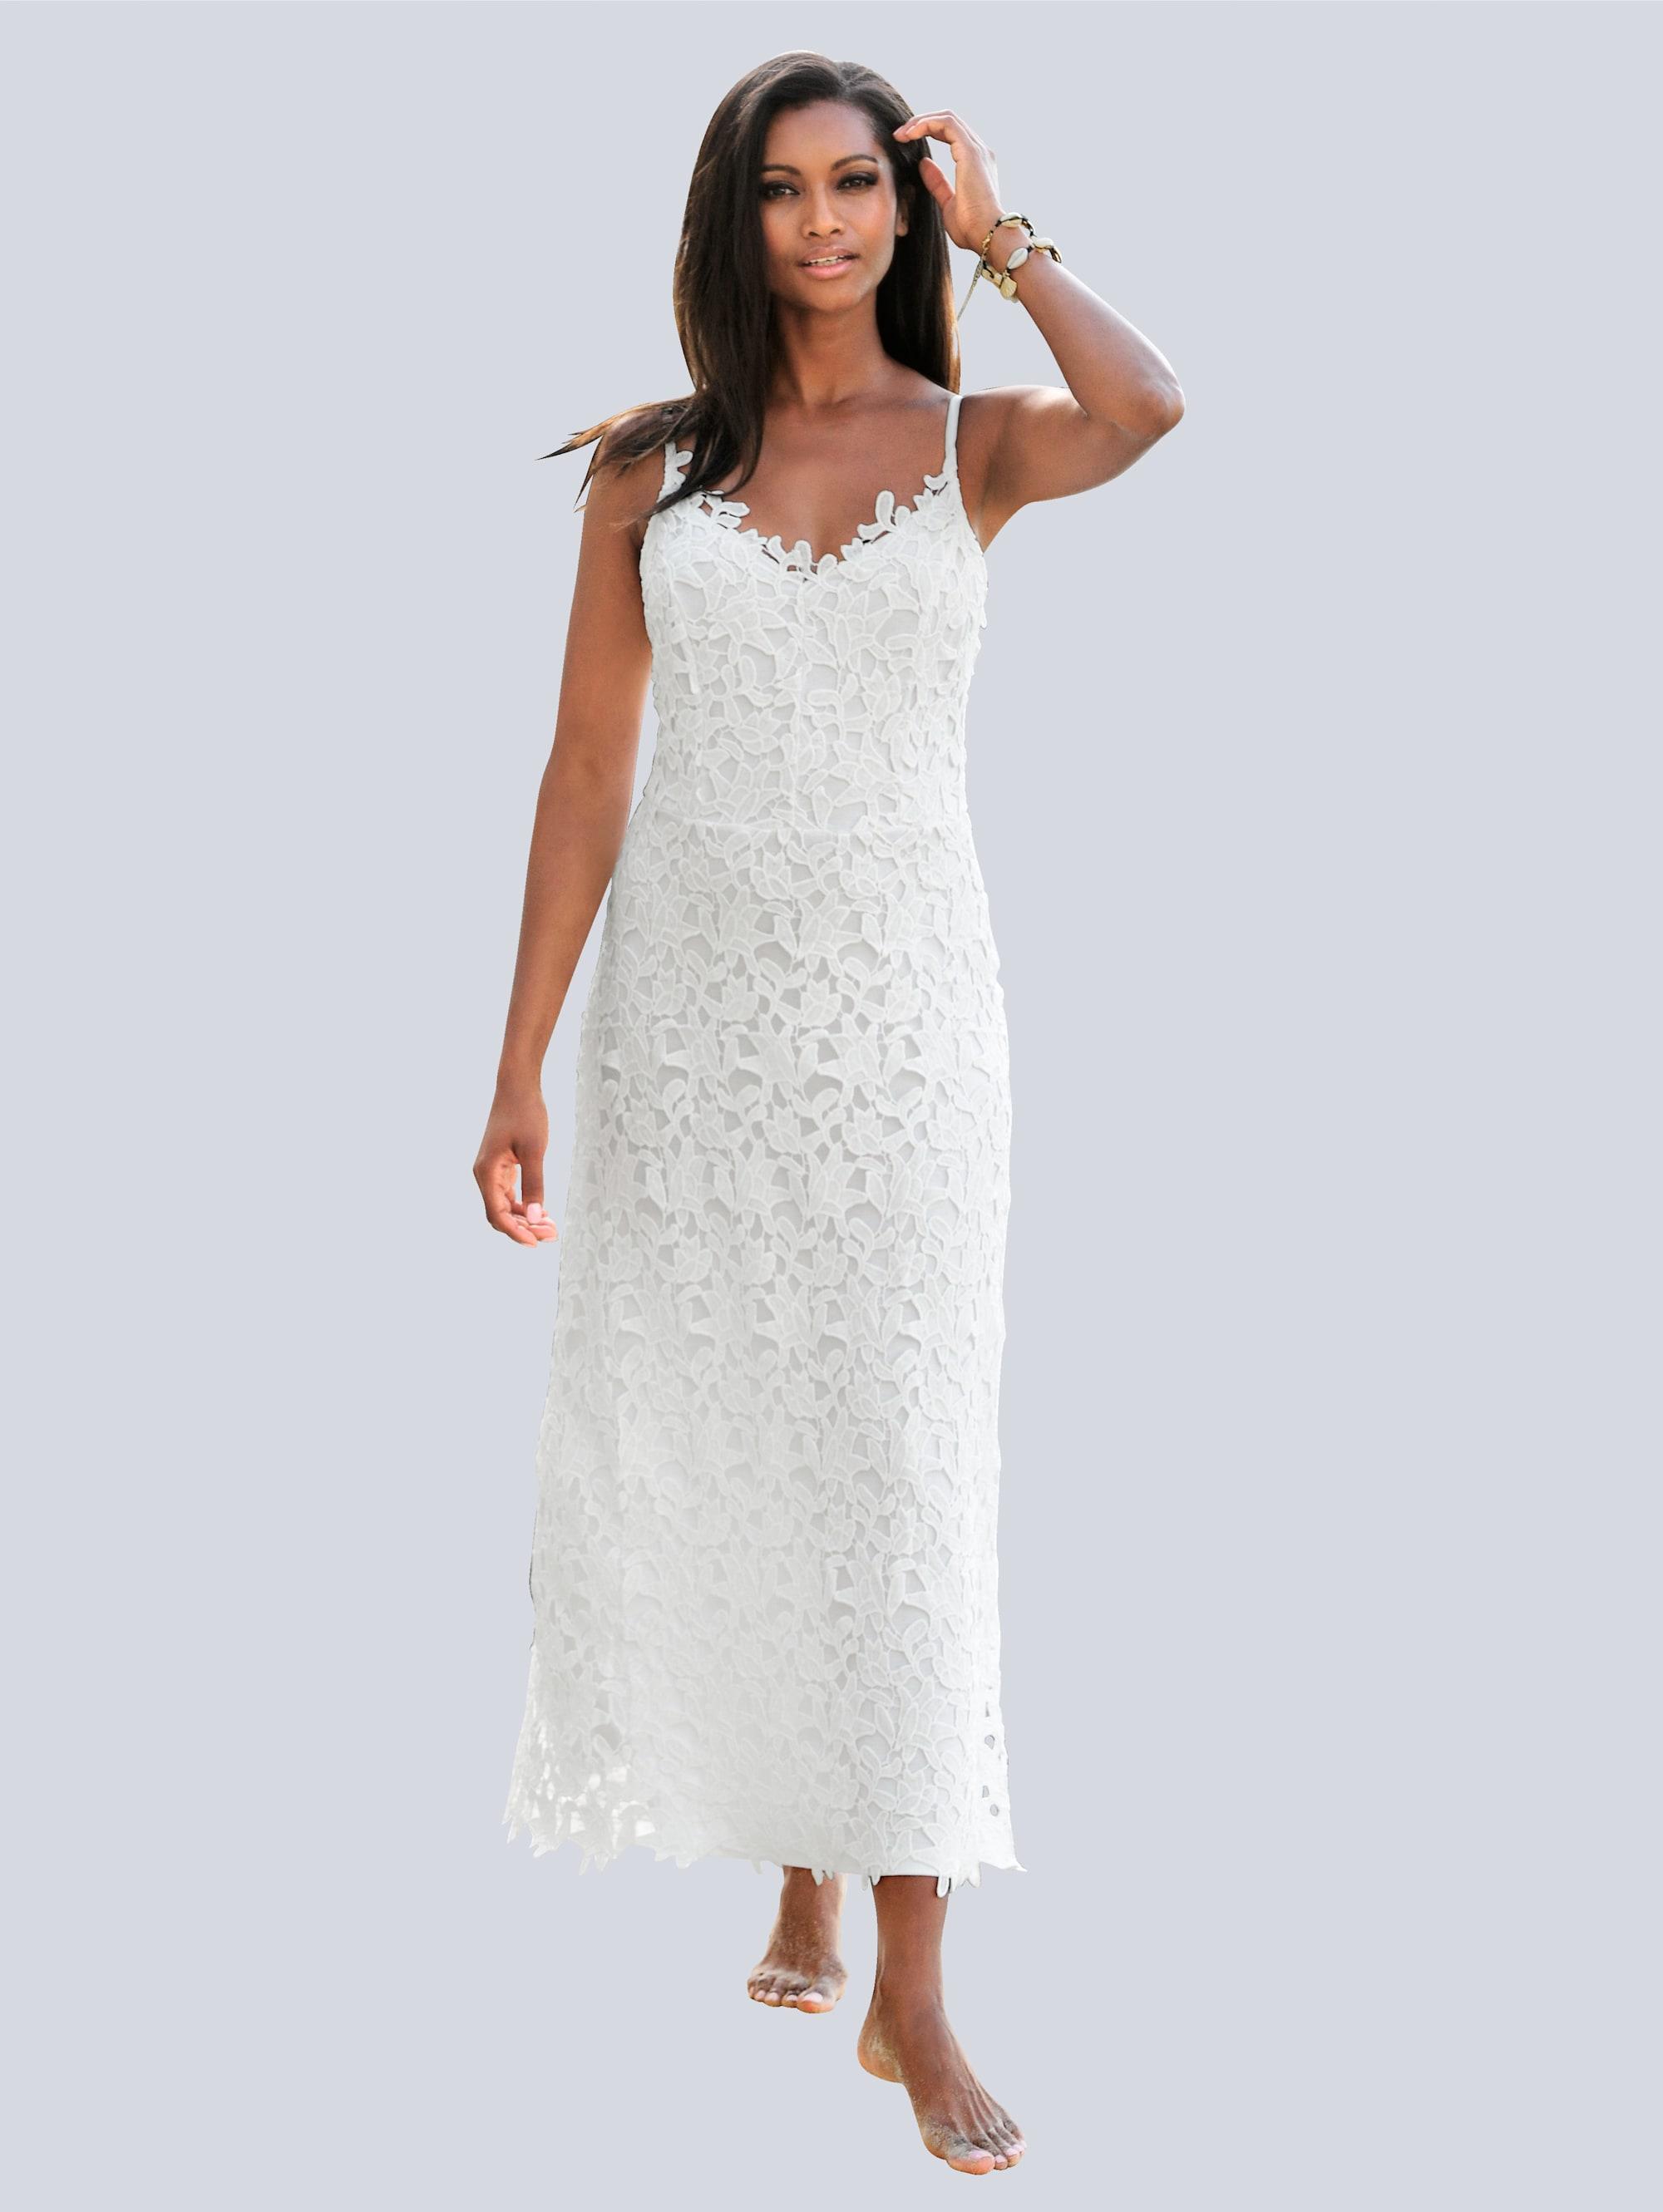 Alba Moda Strandkleid aus ausdrucksstarker Spitze | Bekleidung > Kleider > Strandkleider | Alba Moda